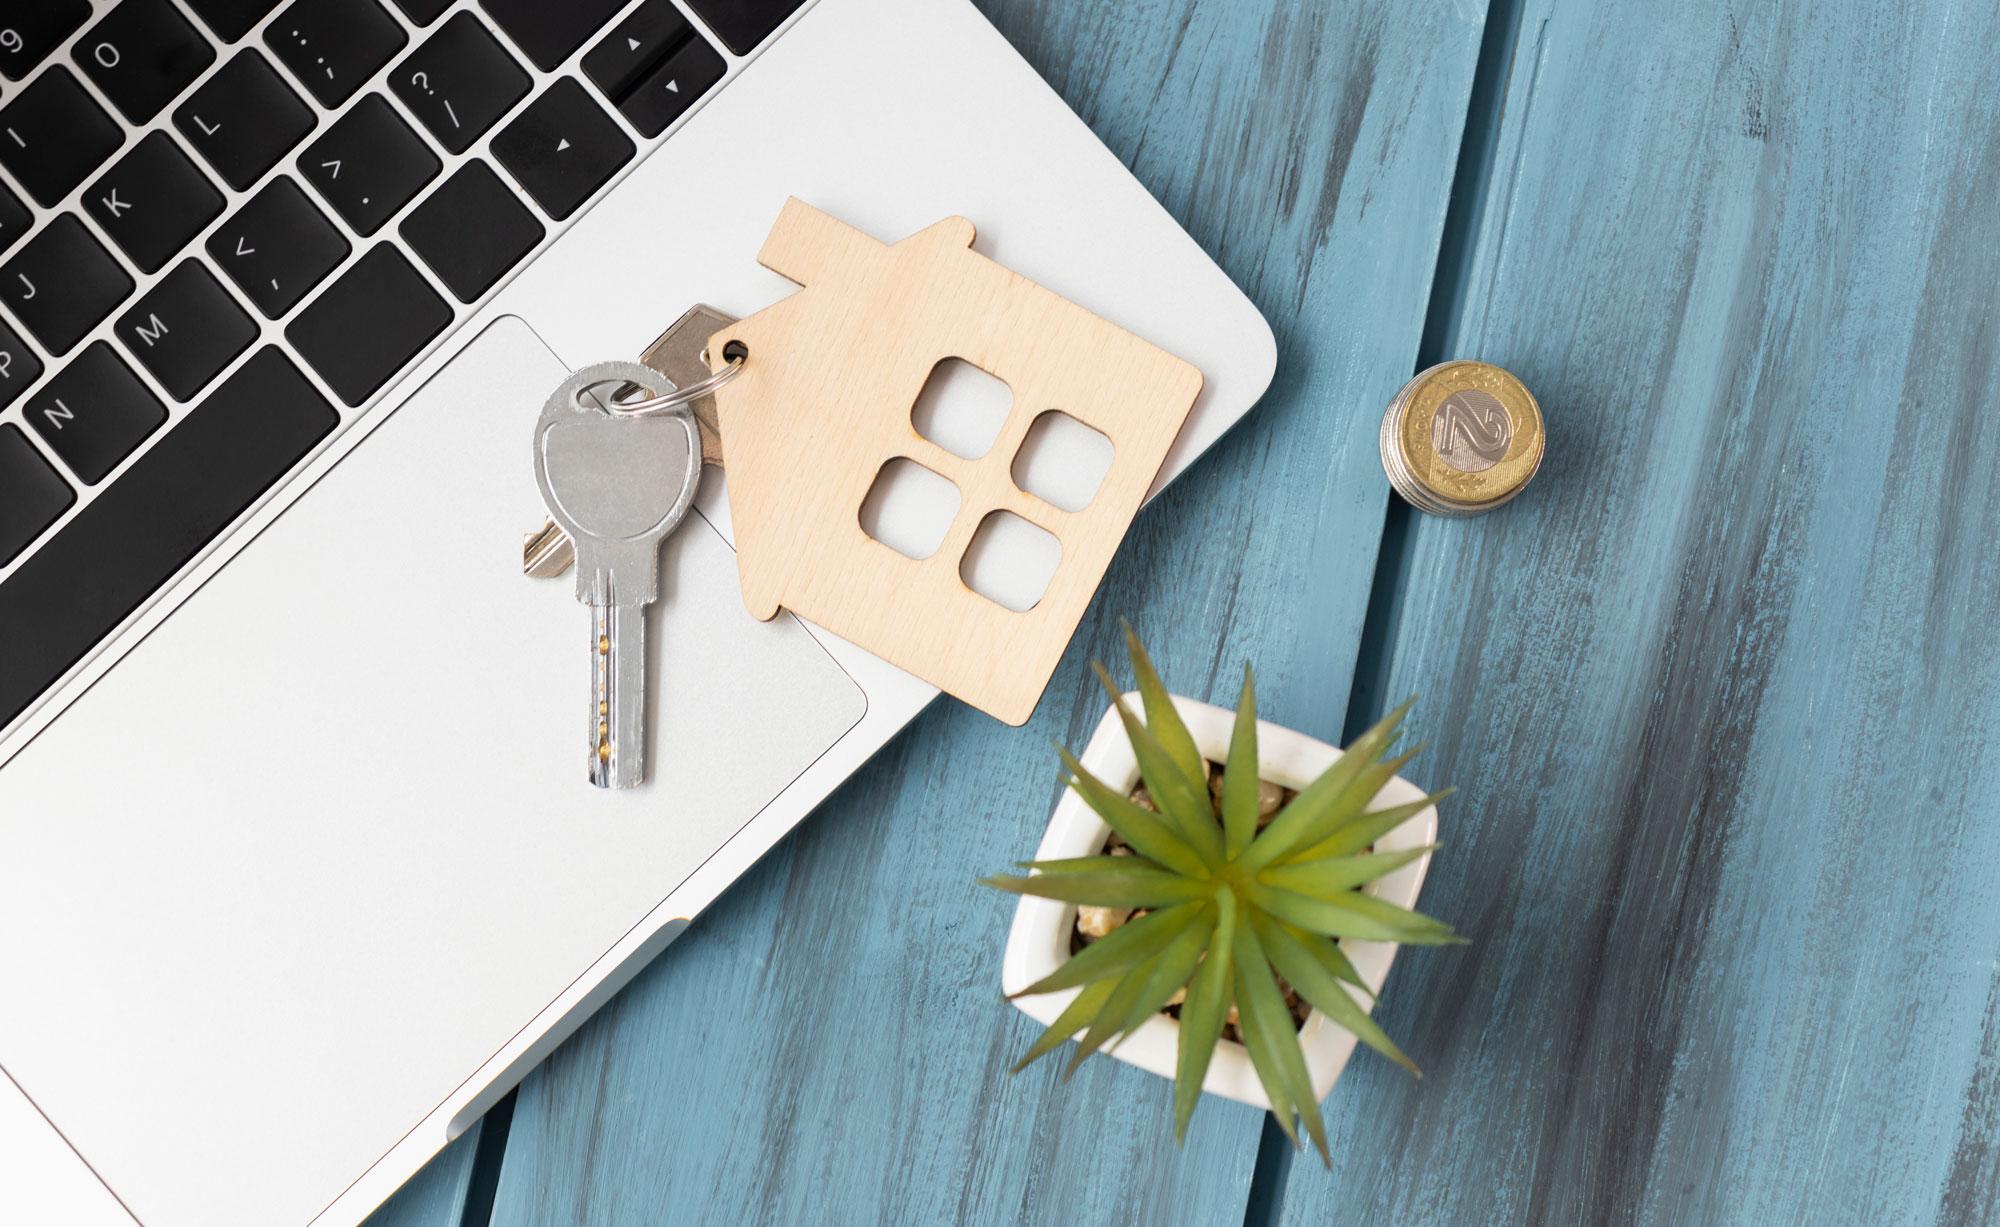 Inmobiliaria - ABC Construcciones e Ingeniería